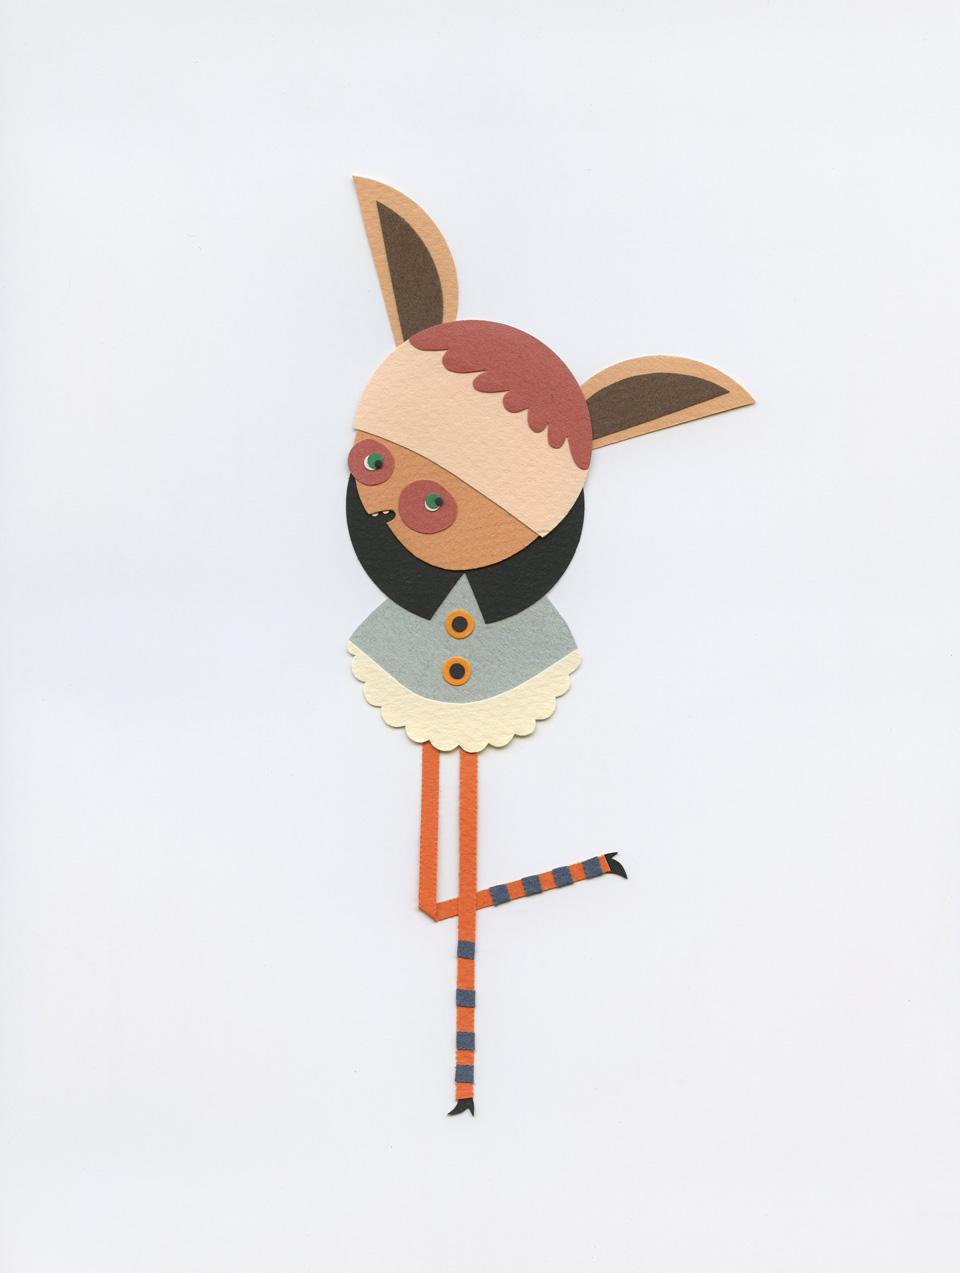 Paper character by Elsa Mora. 2013 copy